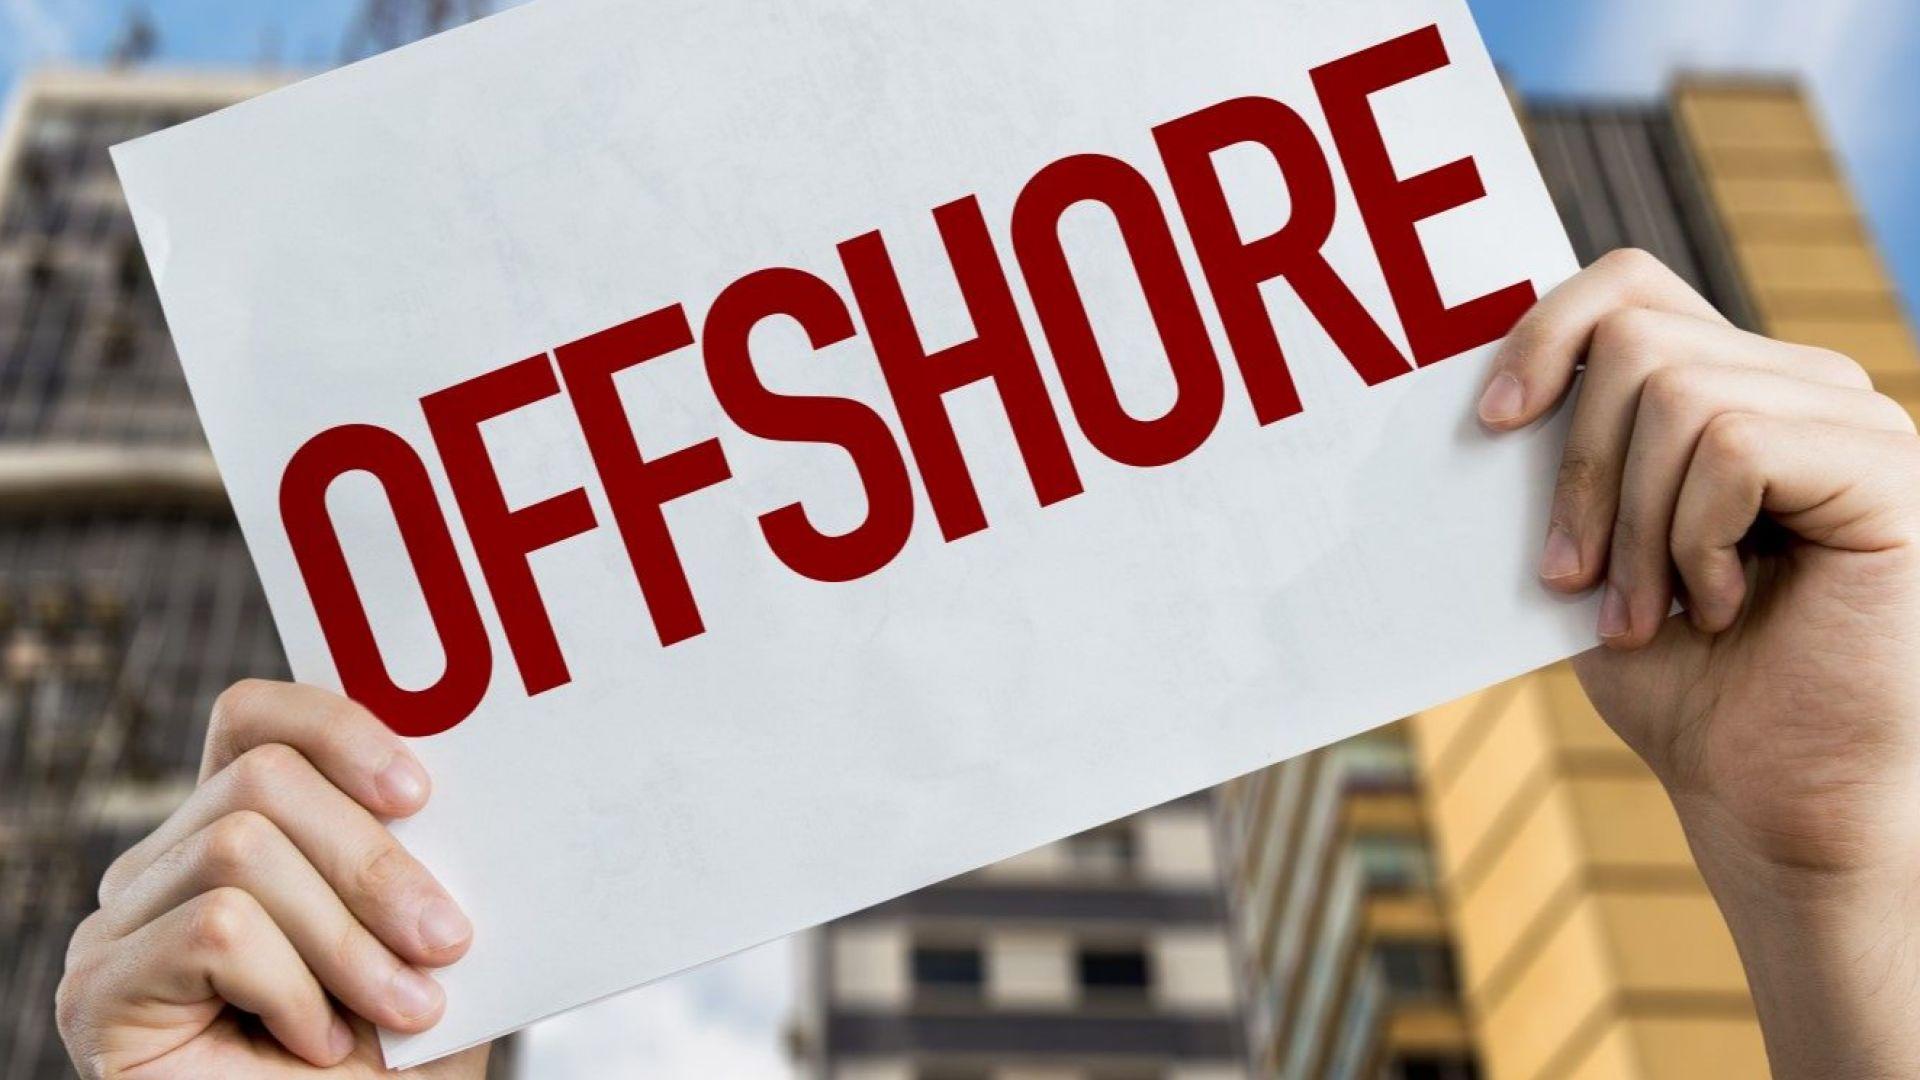 Кипър закрива офшорни сметки под американски натиск